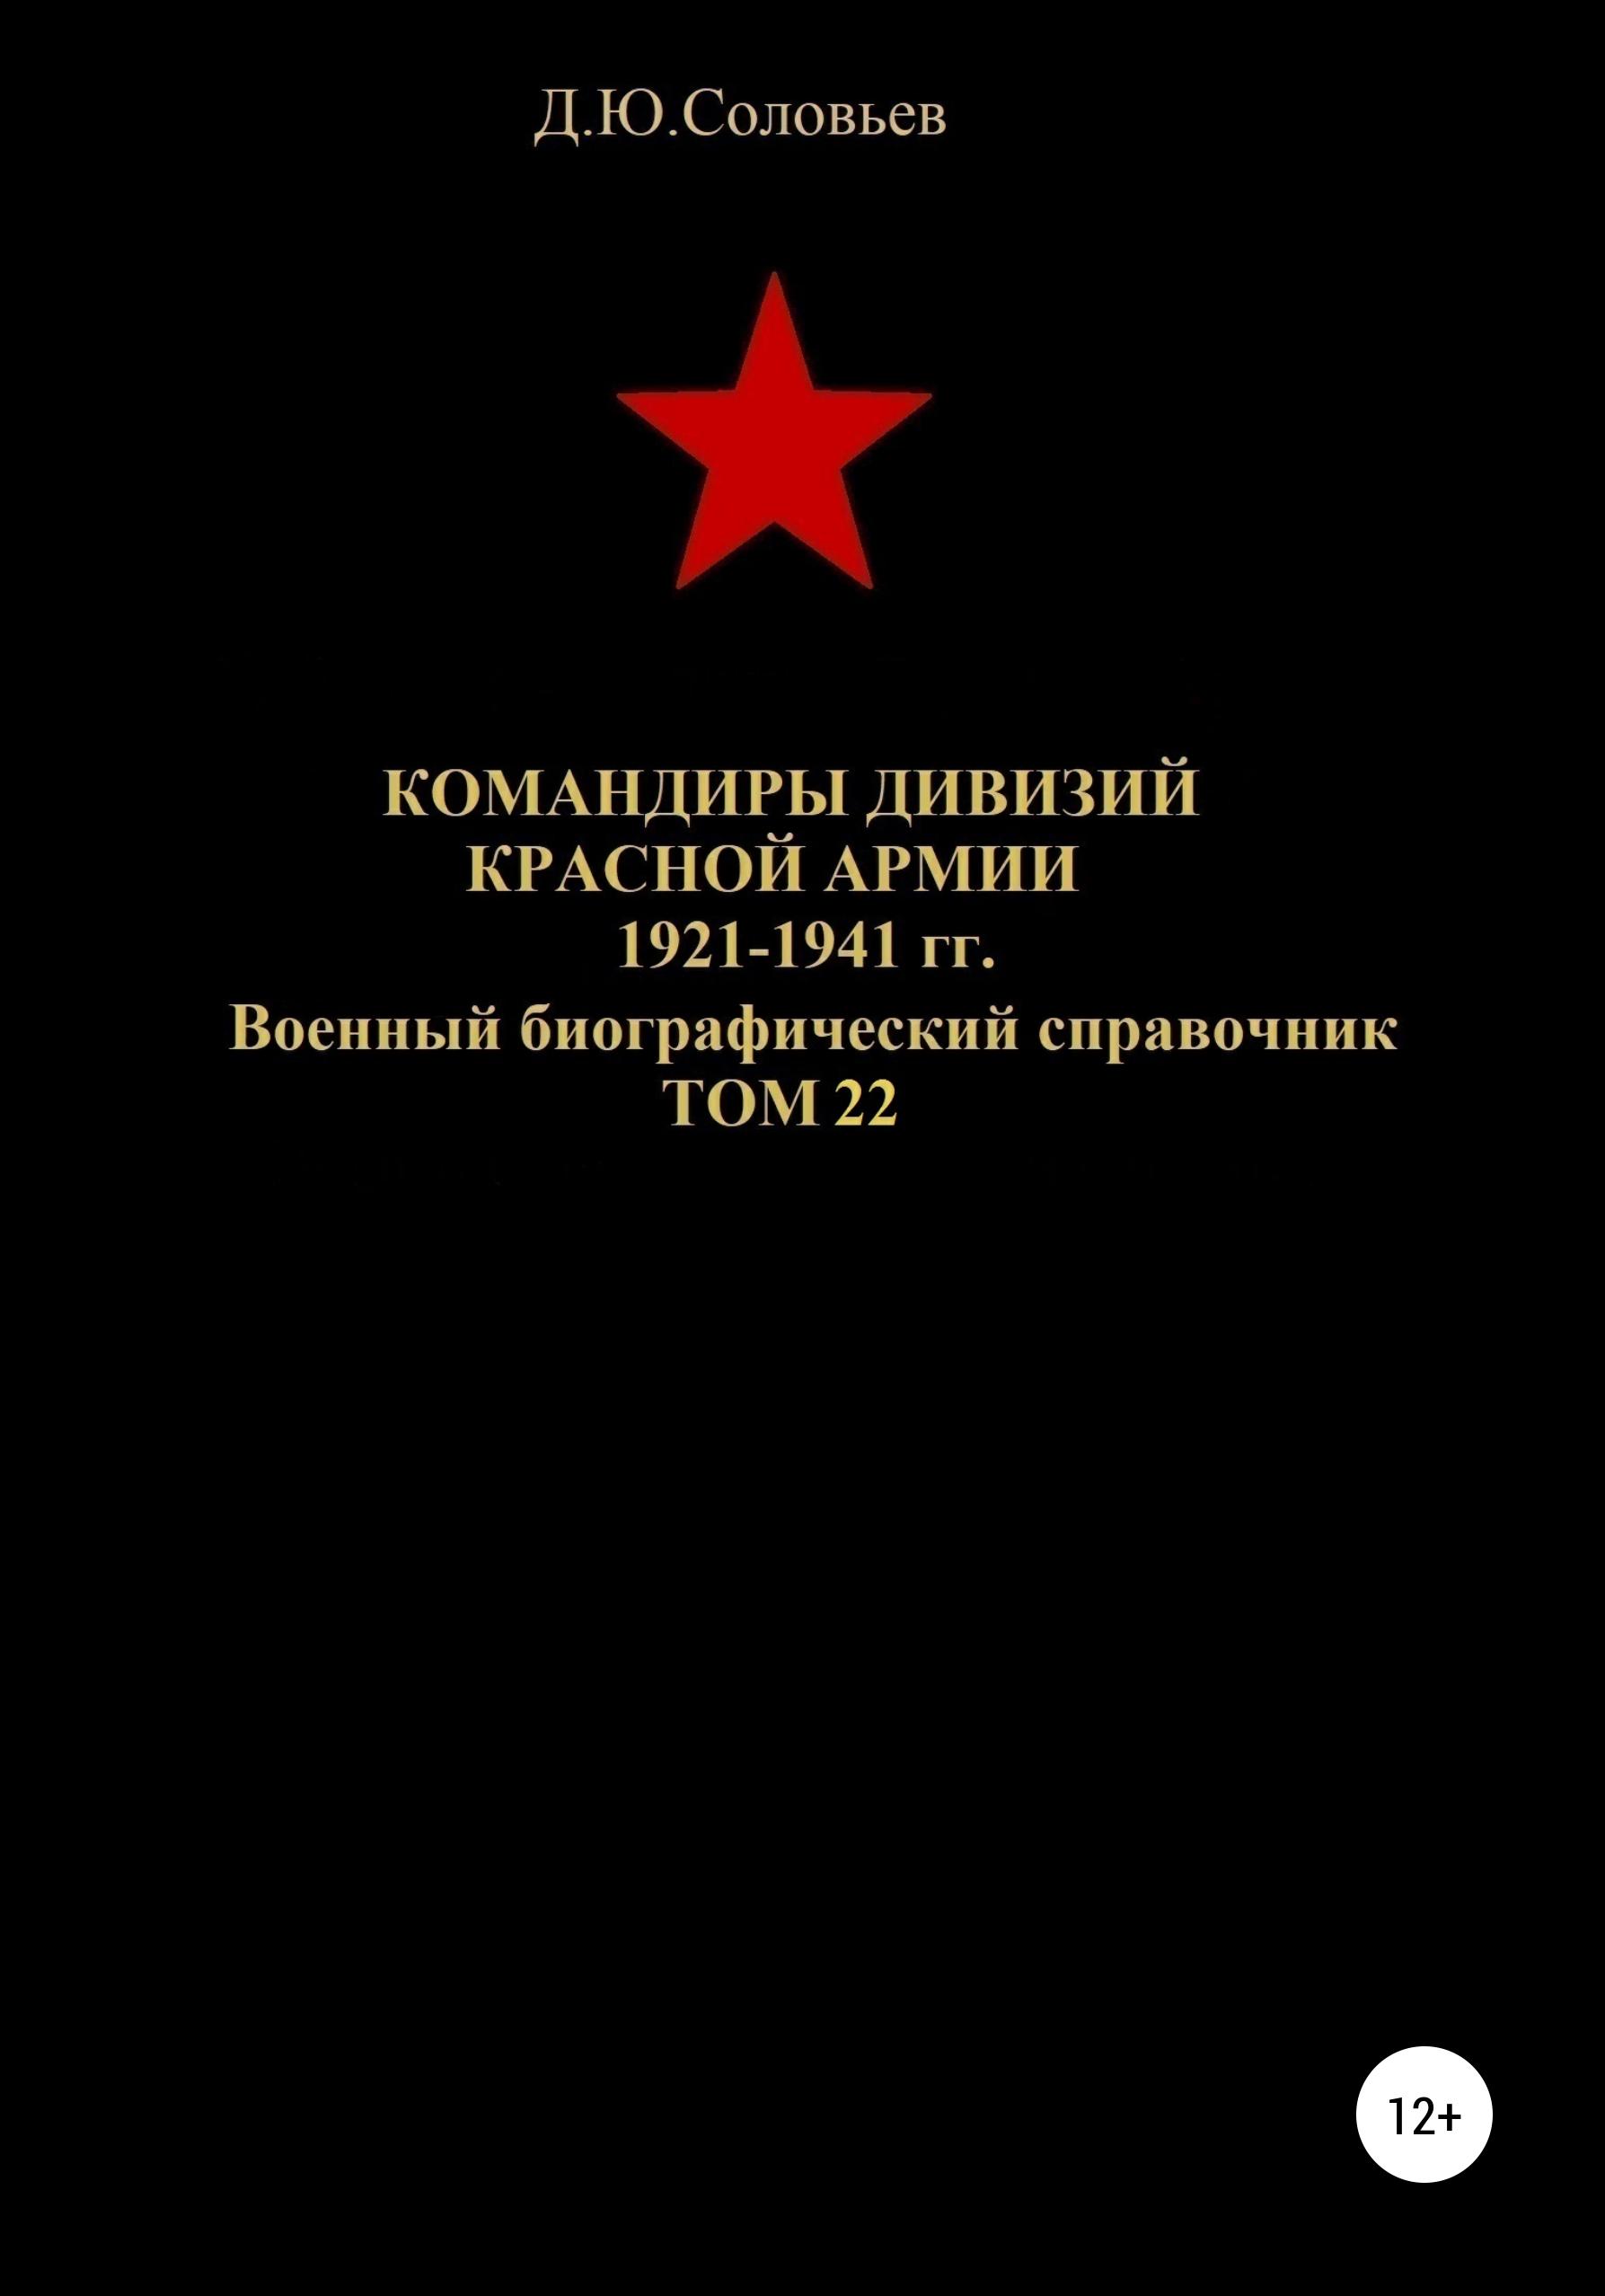 Денис Юрьевич Соловьев Командиры дивизий Красной Армии 1921-1941 гг. Том 22